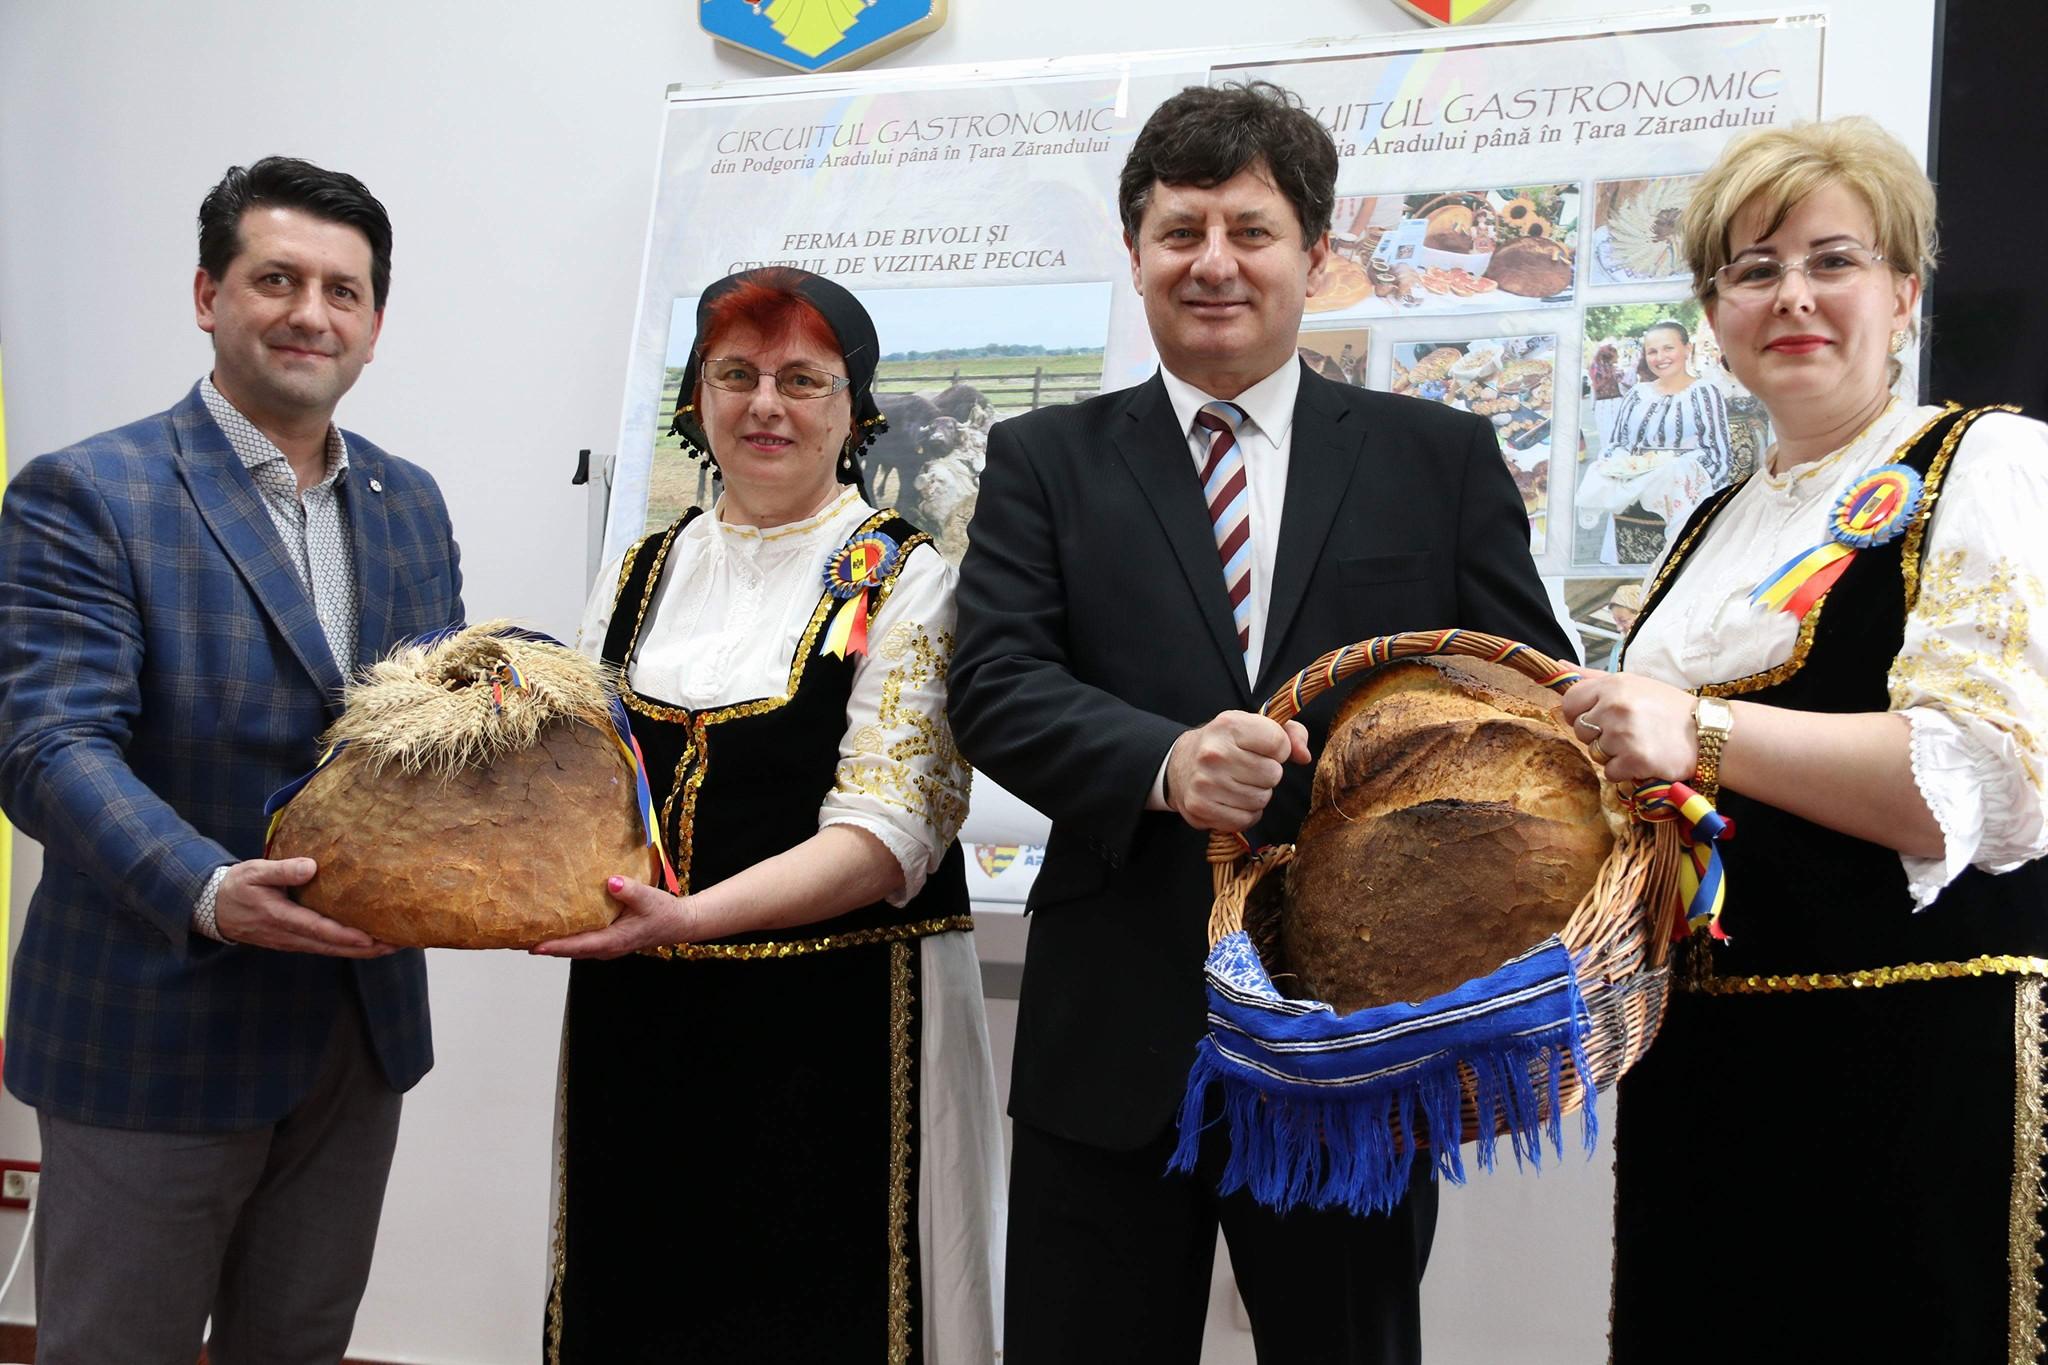 Primul punct de pe Circuitul Gastronomic Arădean va fi la Pecica, la Ferma de Bivoli!